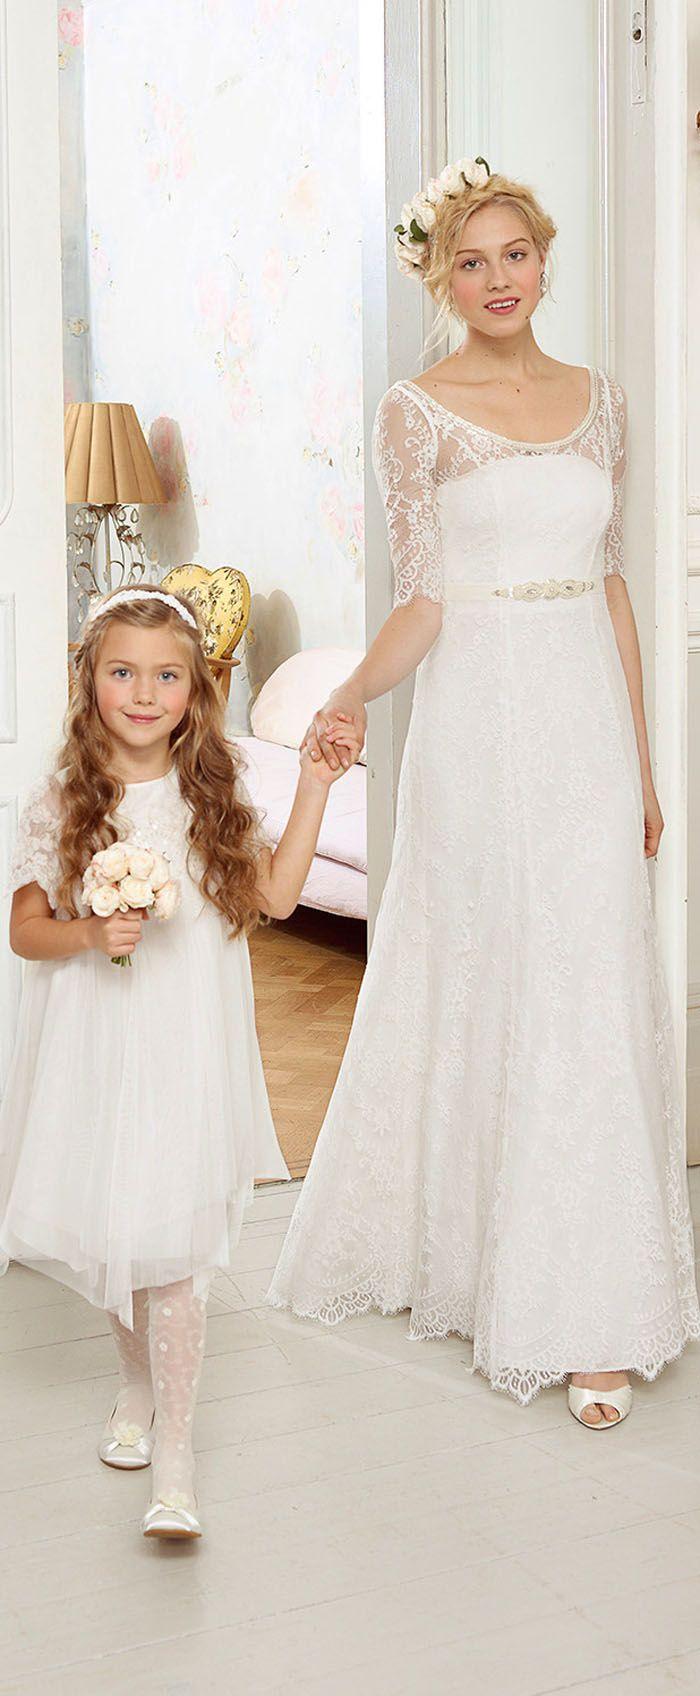 Hippie Wedding Dresses ideas for fun indie wedding gowns